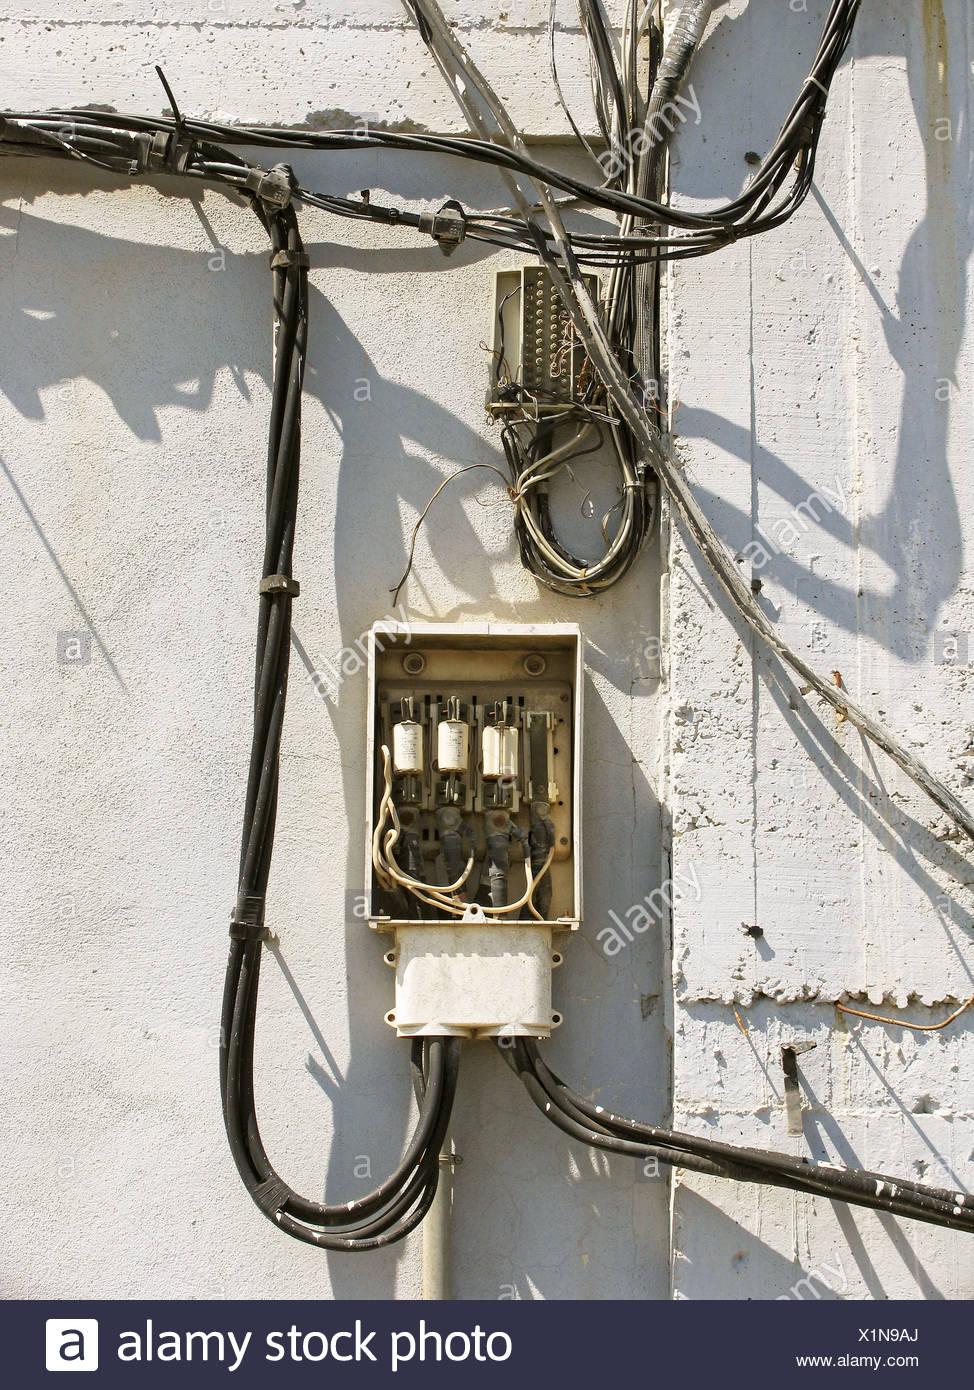 Gemütlich Elektrische Installationszeichnung Galerie - Schaltplan ...